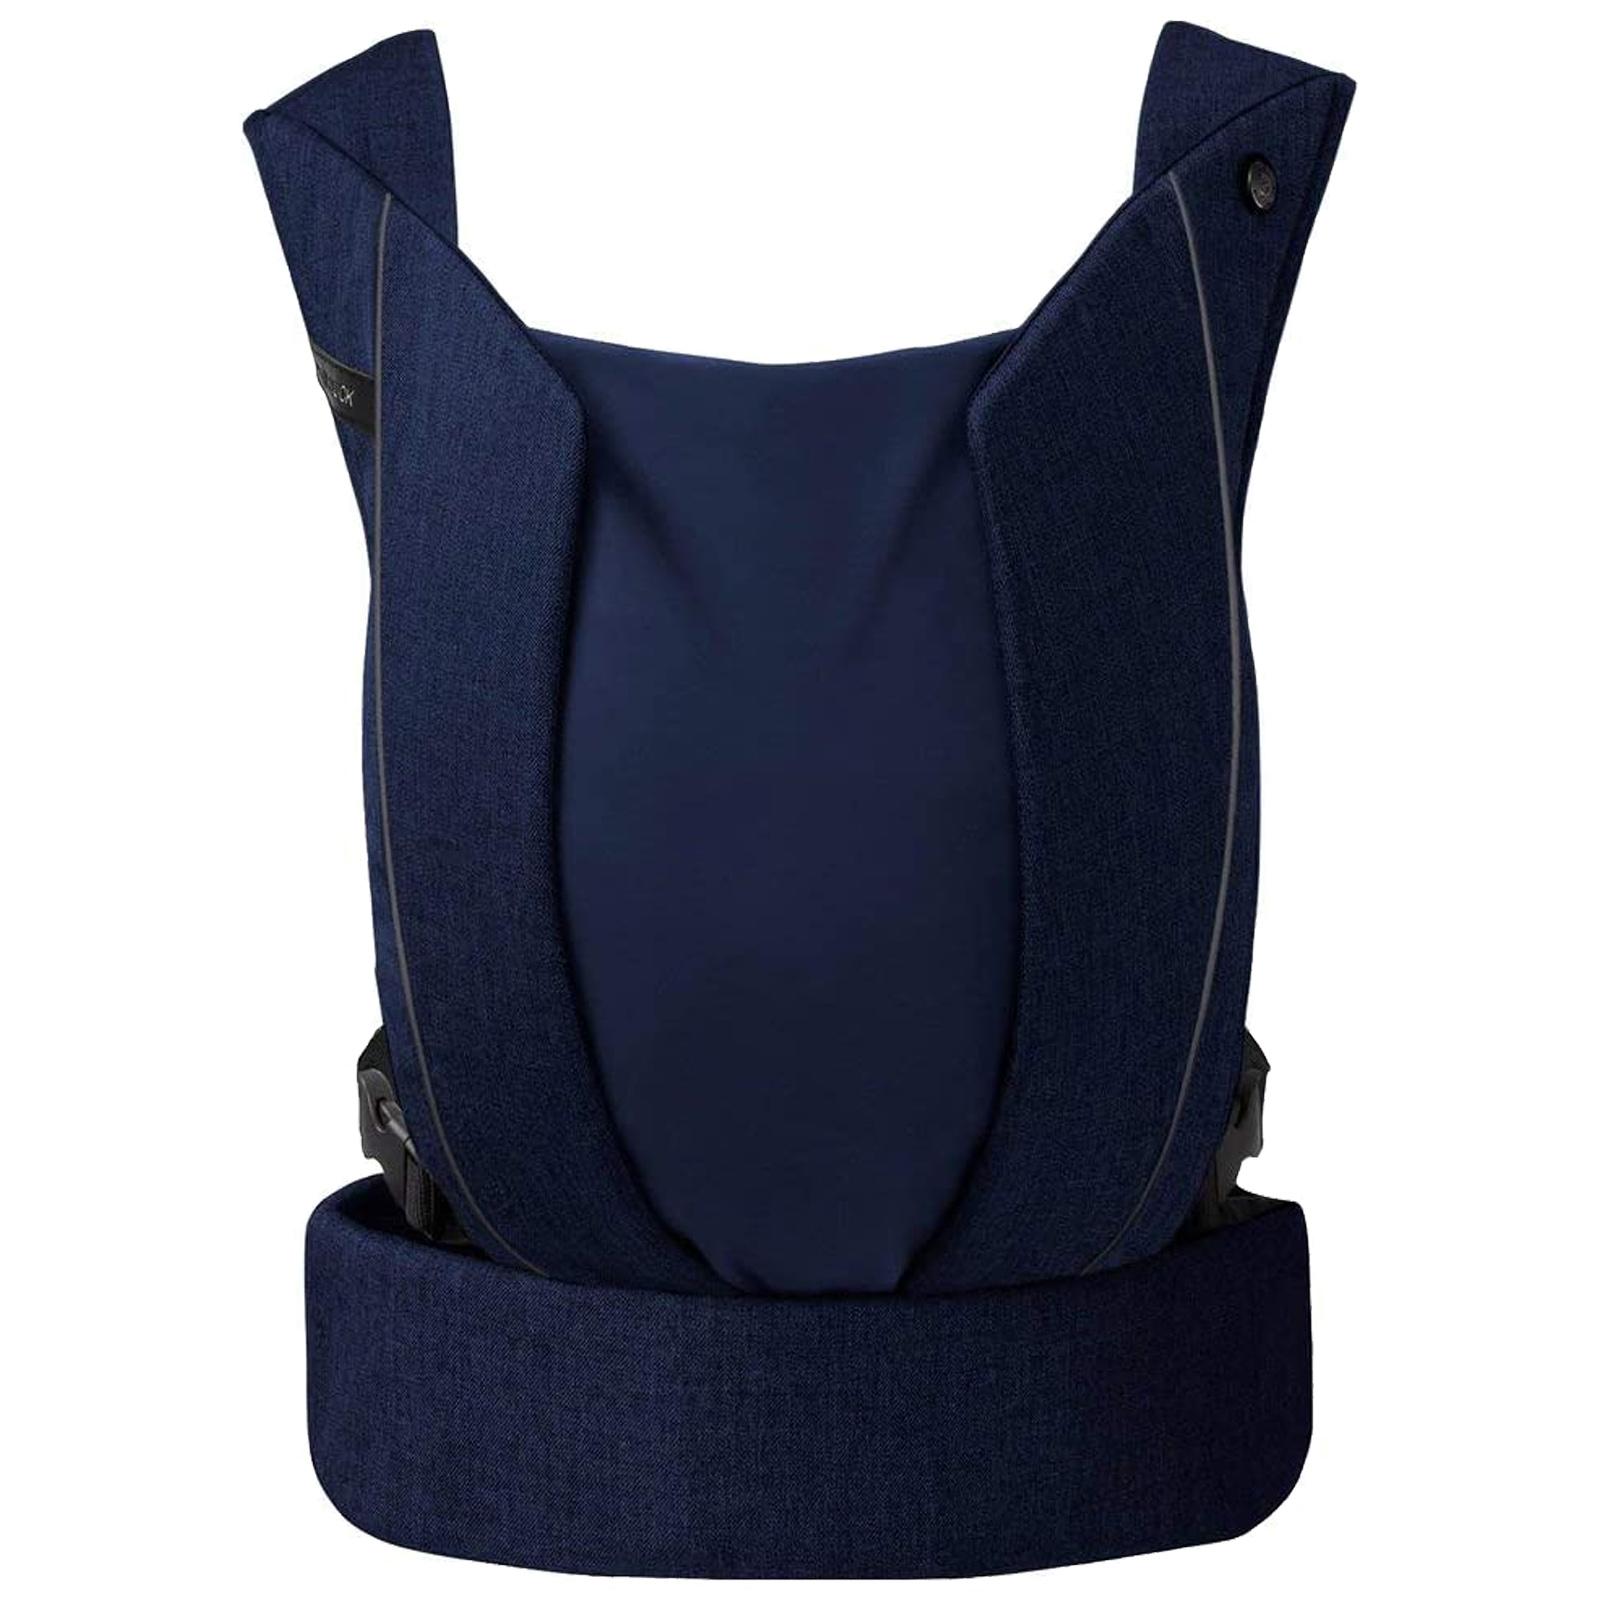 Cybex Platinum Yema Click / Tie Baby Carrier Denim / Midnight Blue £48.90 Delivered @ online4baby